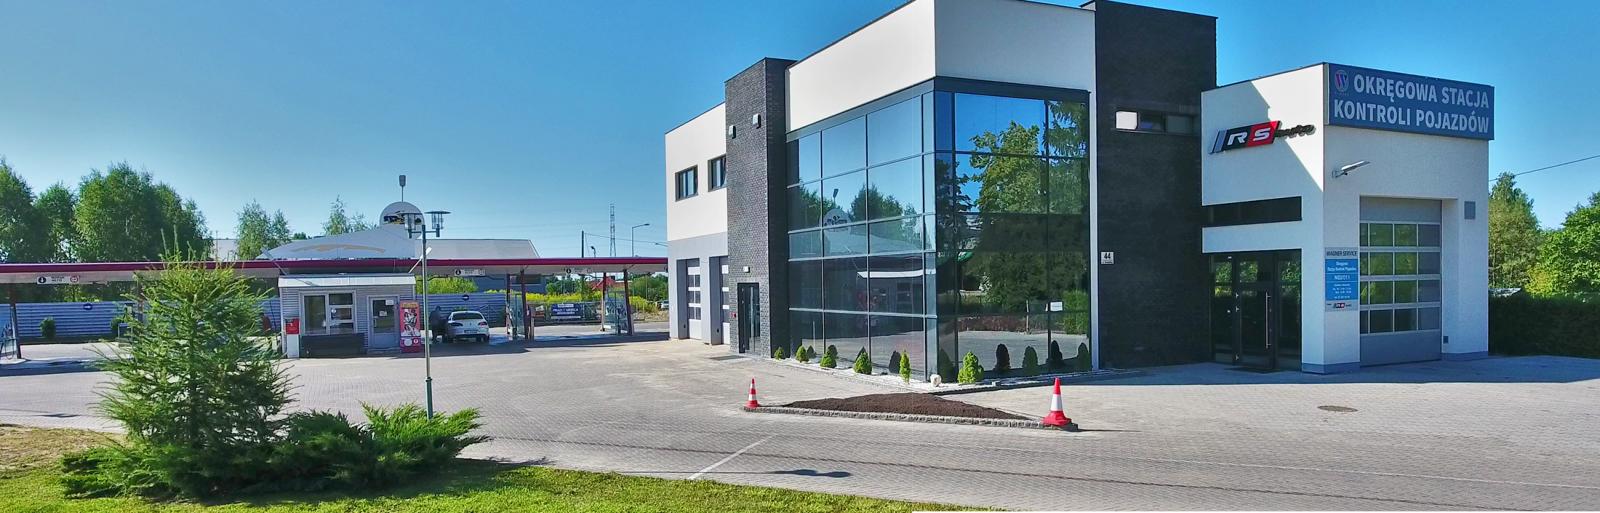 Okręgowa Stacja Kontroli pojazdów Wagner Service w Gizycku